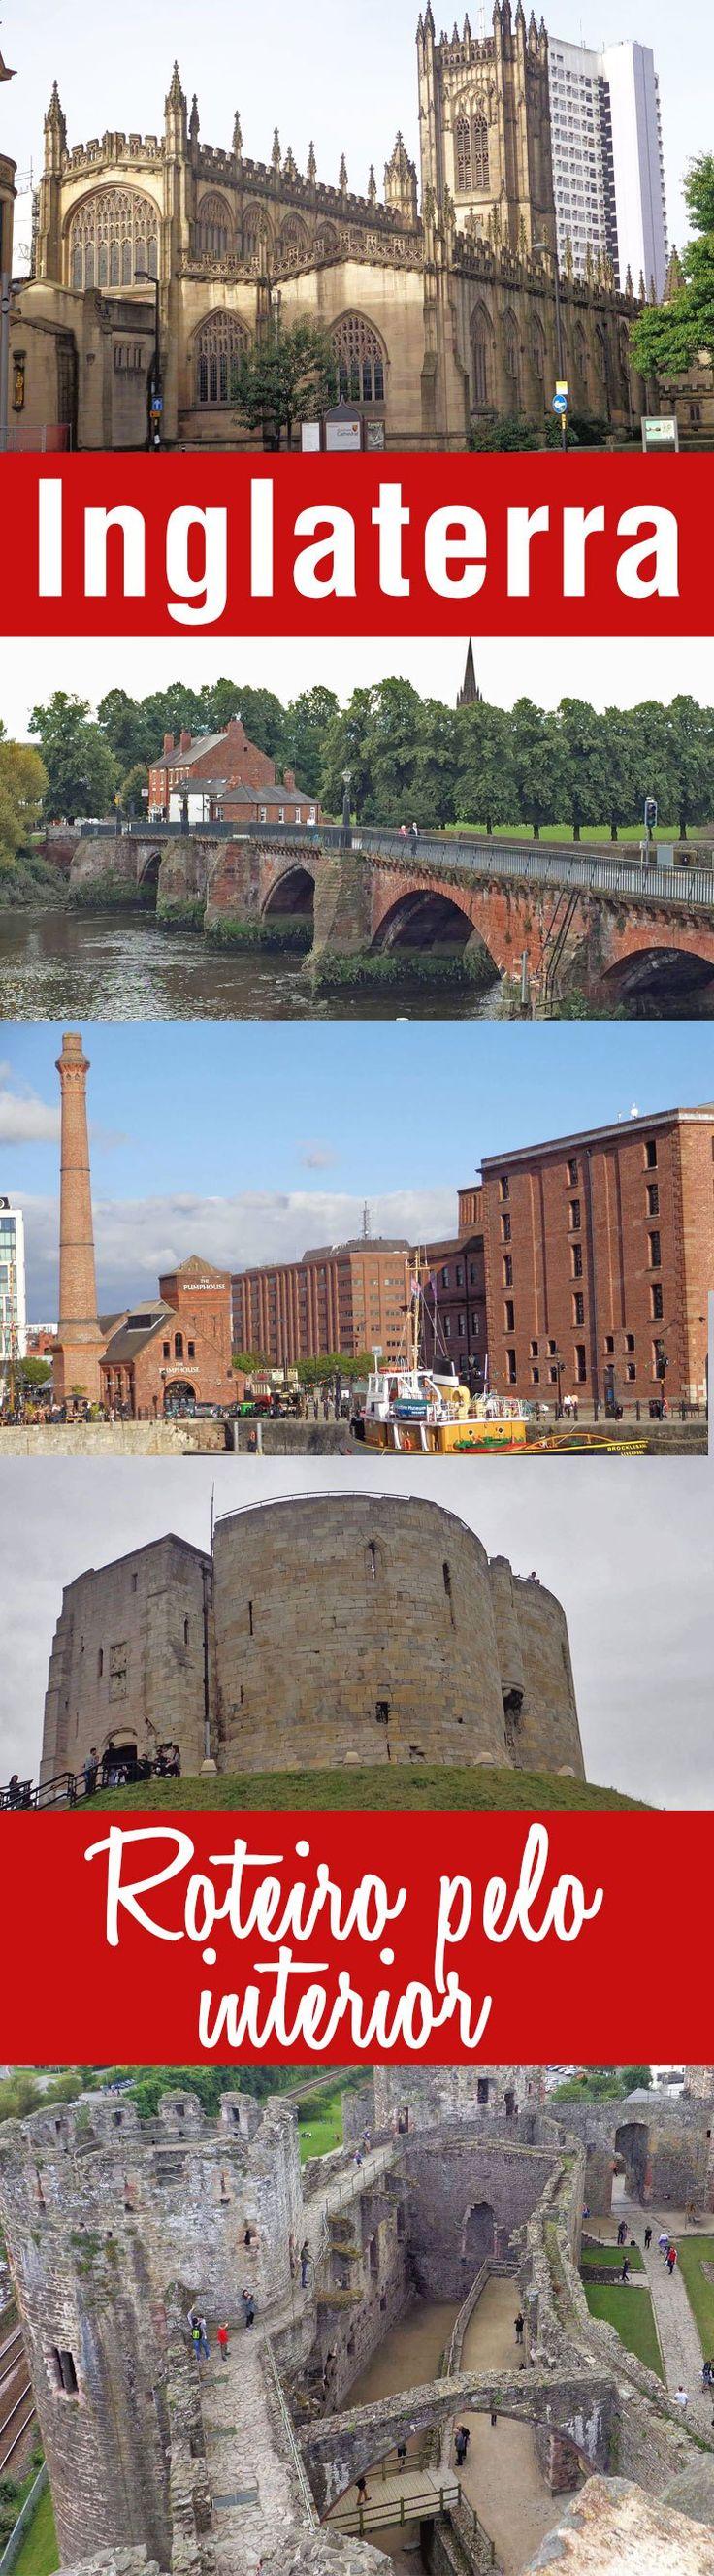 Roteiro com 5 cidades pelo interior da Inglaterra partindo de Liverpool usando o trem como meio de transporte que é uma ótima opção de viajar pelo país.